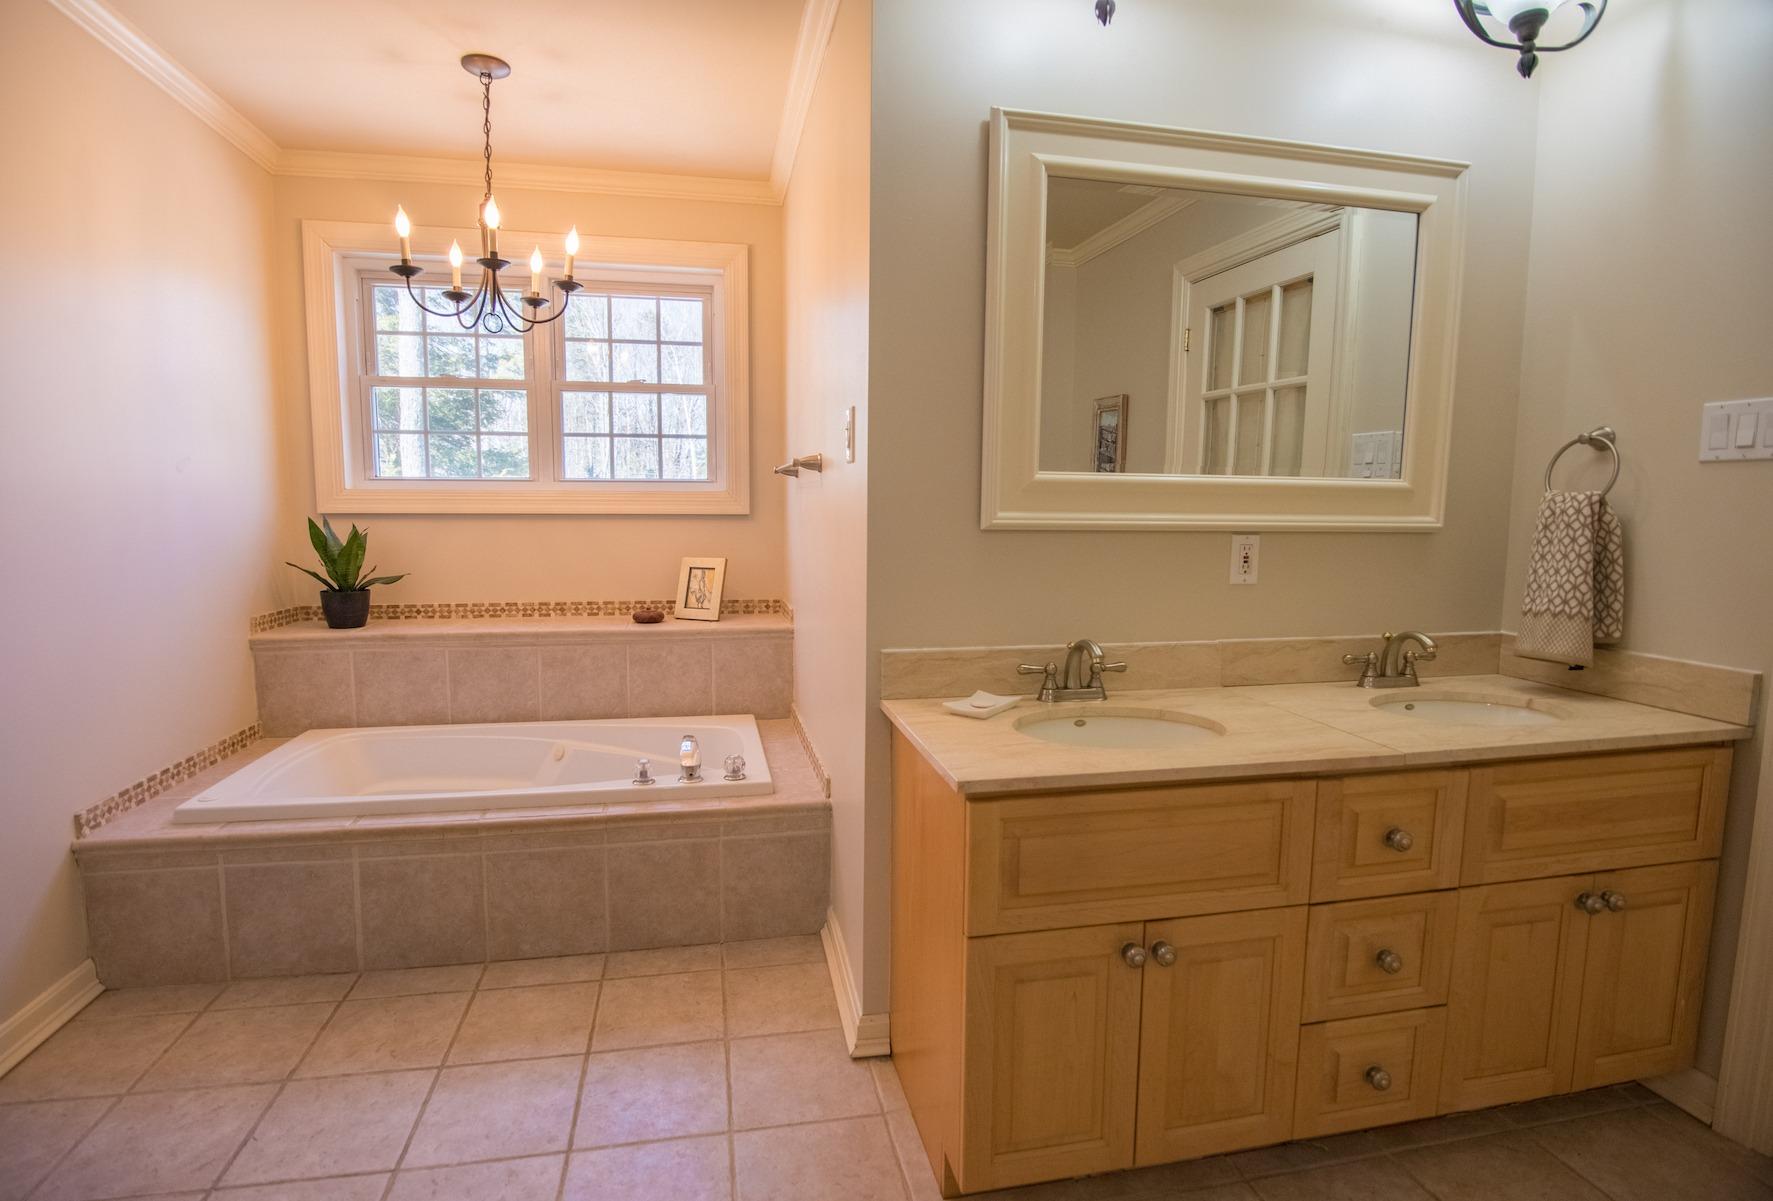 Master bathroom tub www.thethreeyearexperiment.com